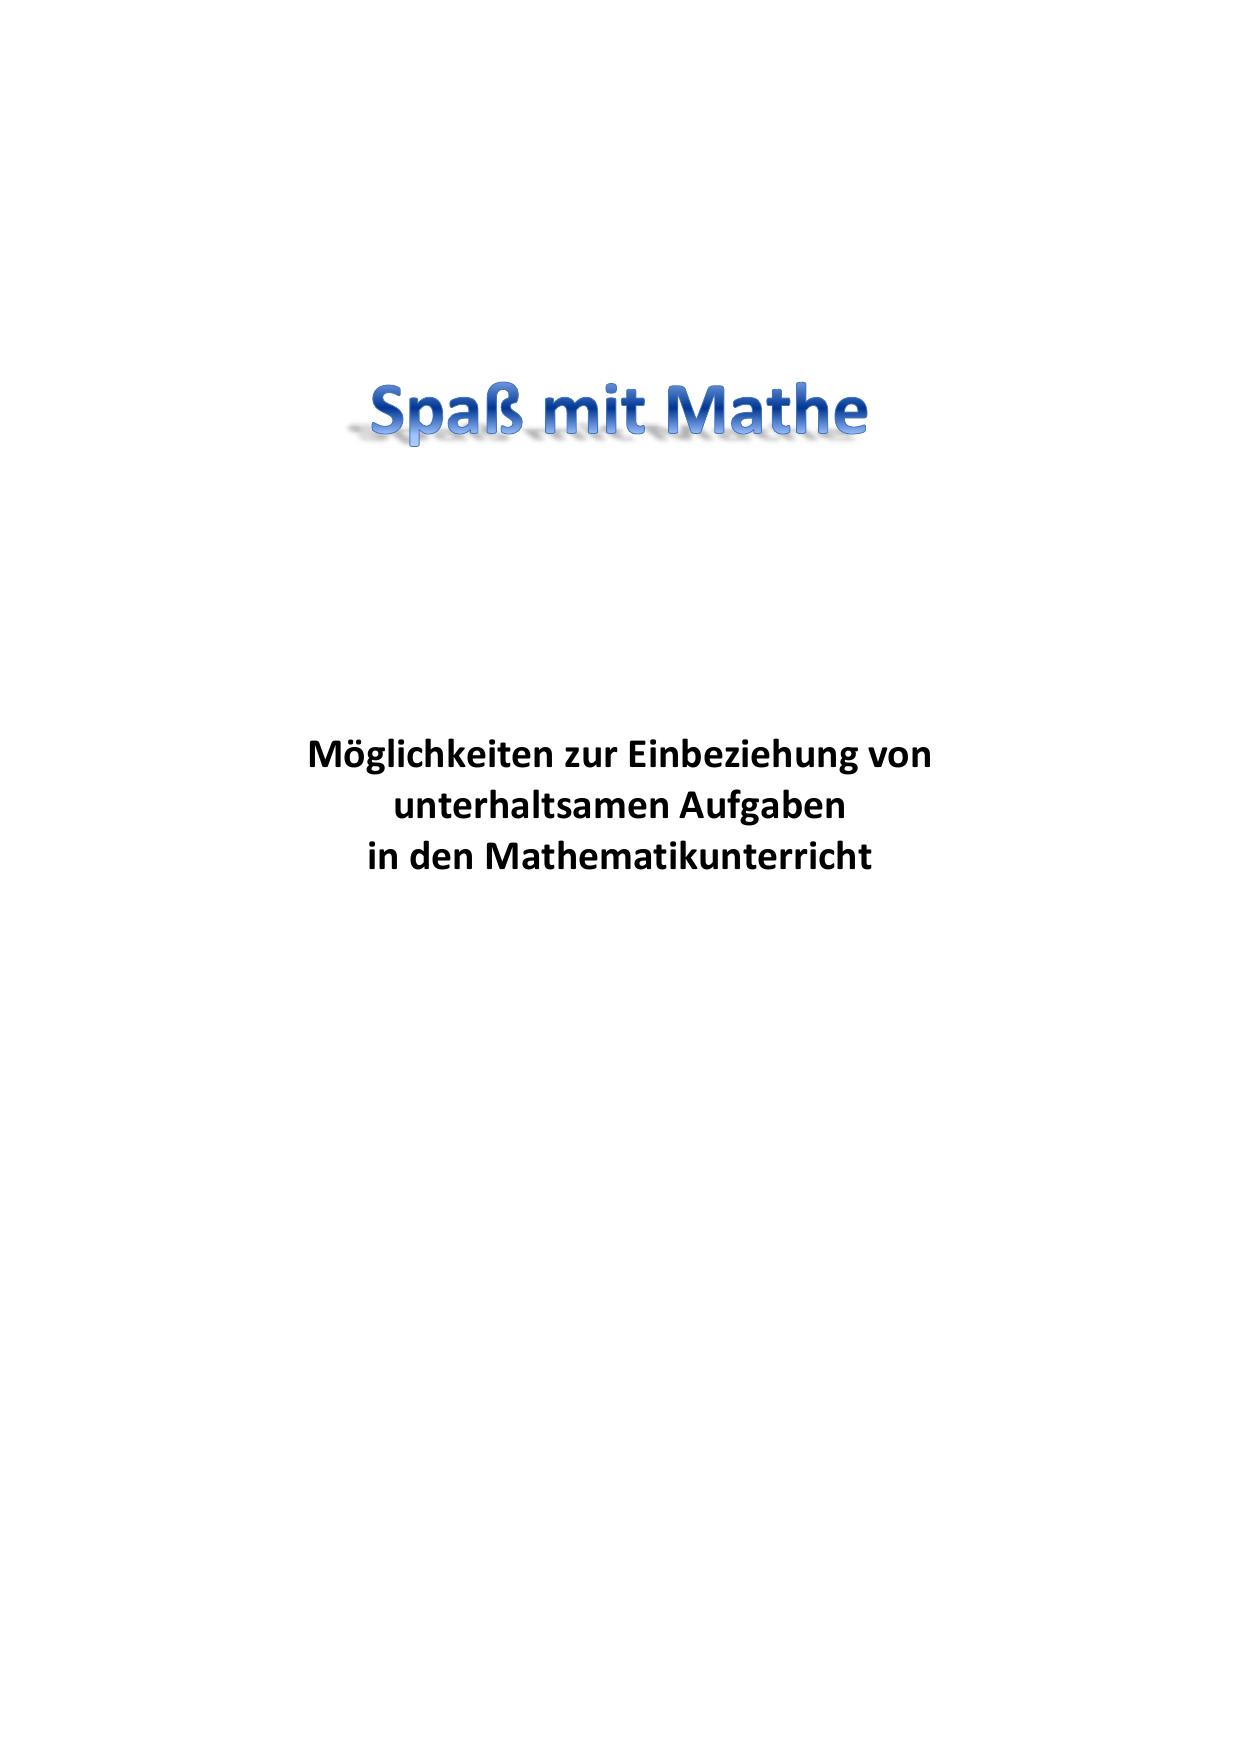 Aufgabe mit einem überraschenden Ergebnis - Mathe-MV